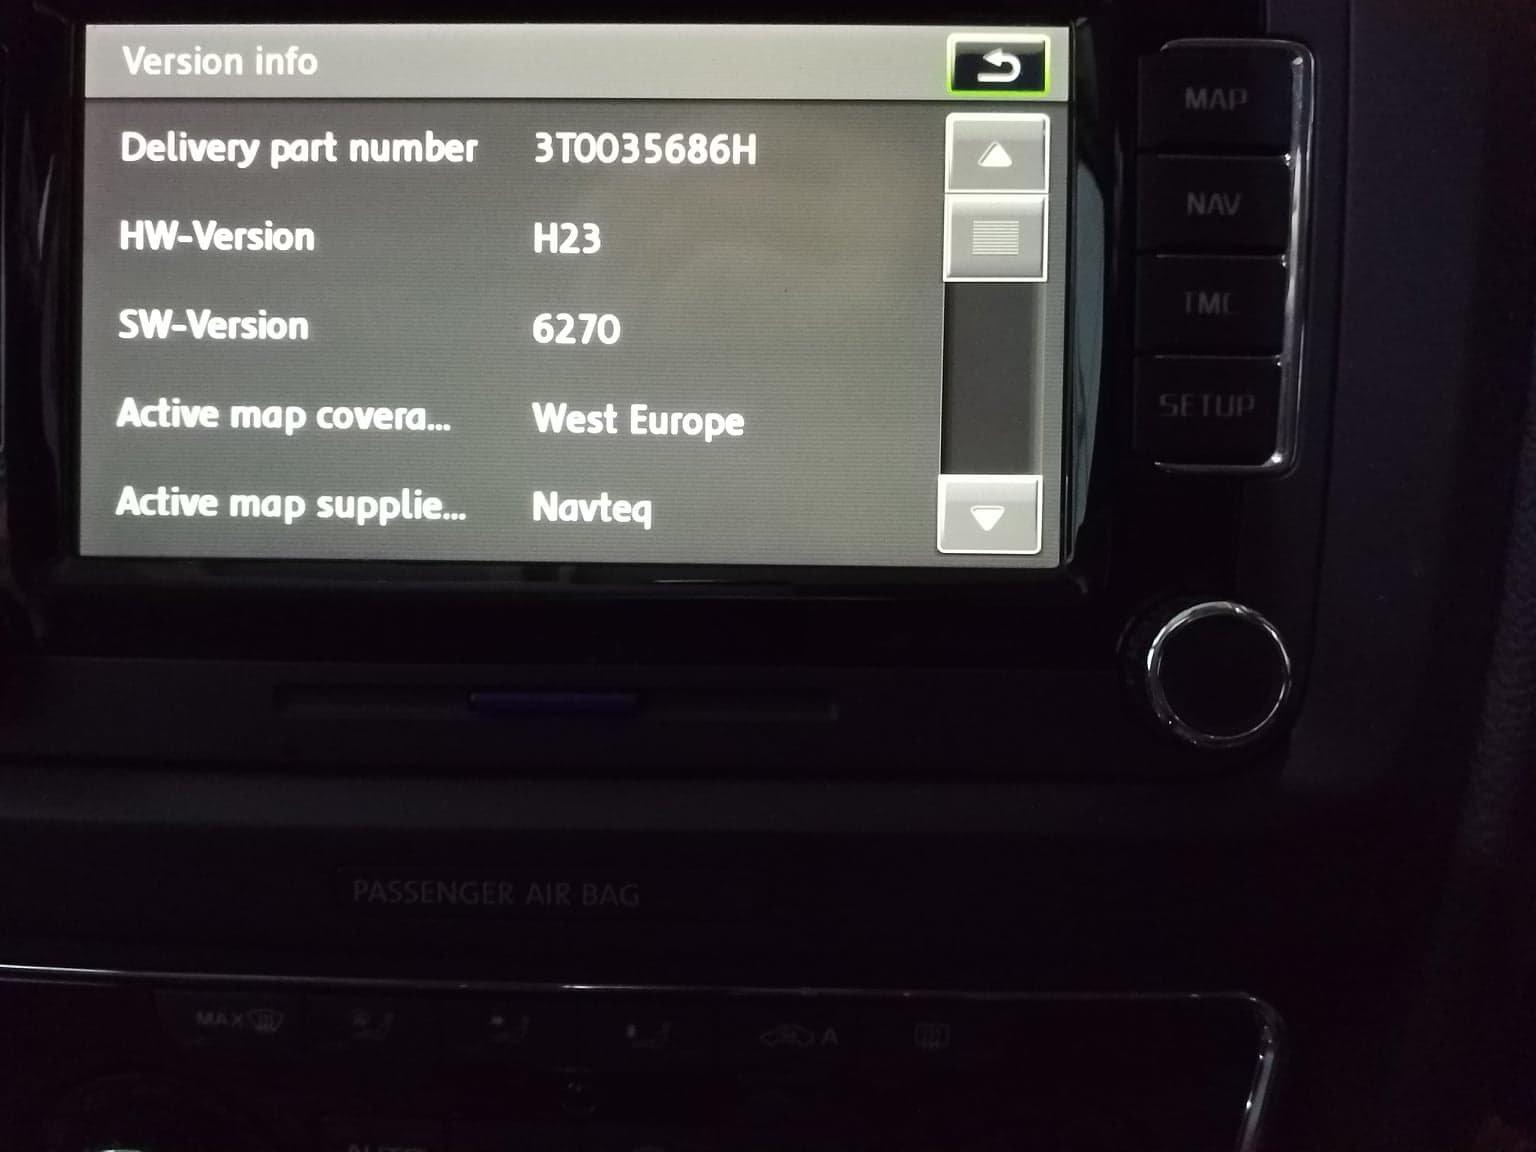 Rns510 V16 Maps Download